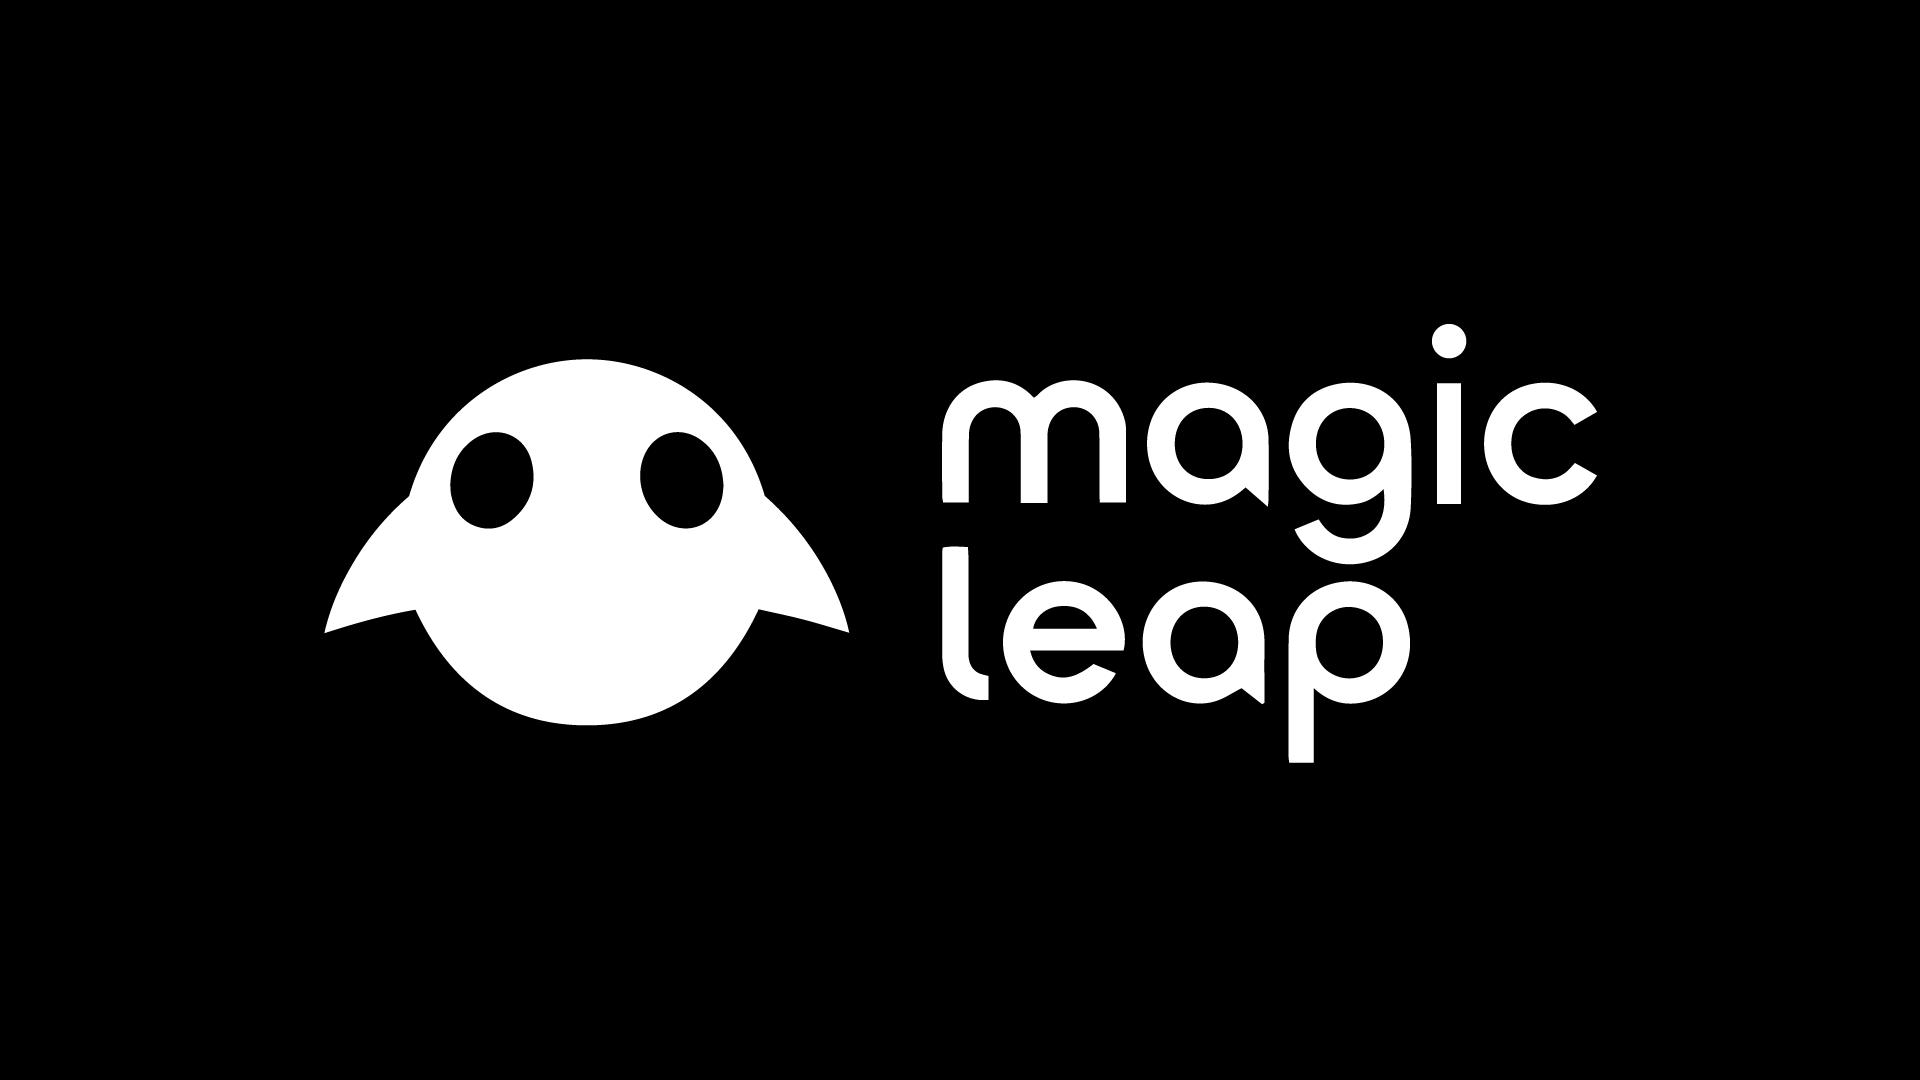 """融资近30亿美元的AR公司Magic Leap为何失败?前高管John Gaeta现身讲述""""悲惨故事"""""""